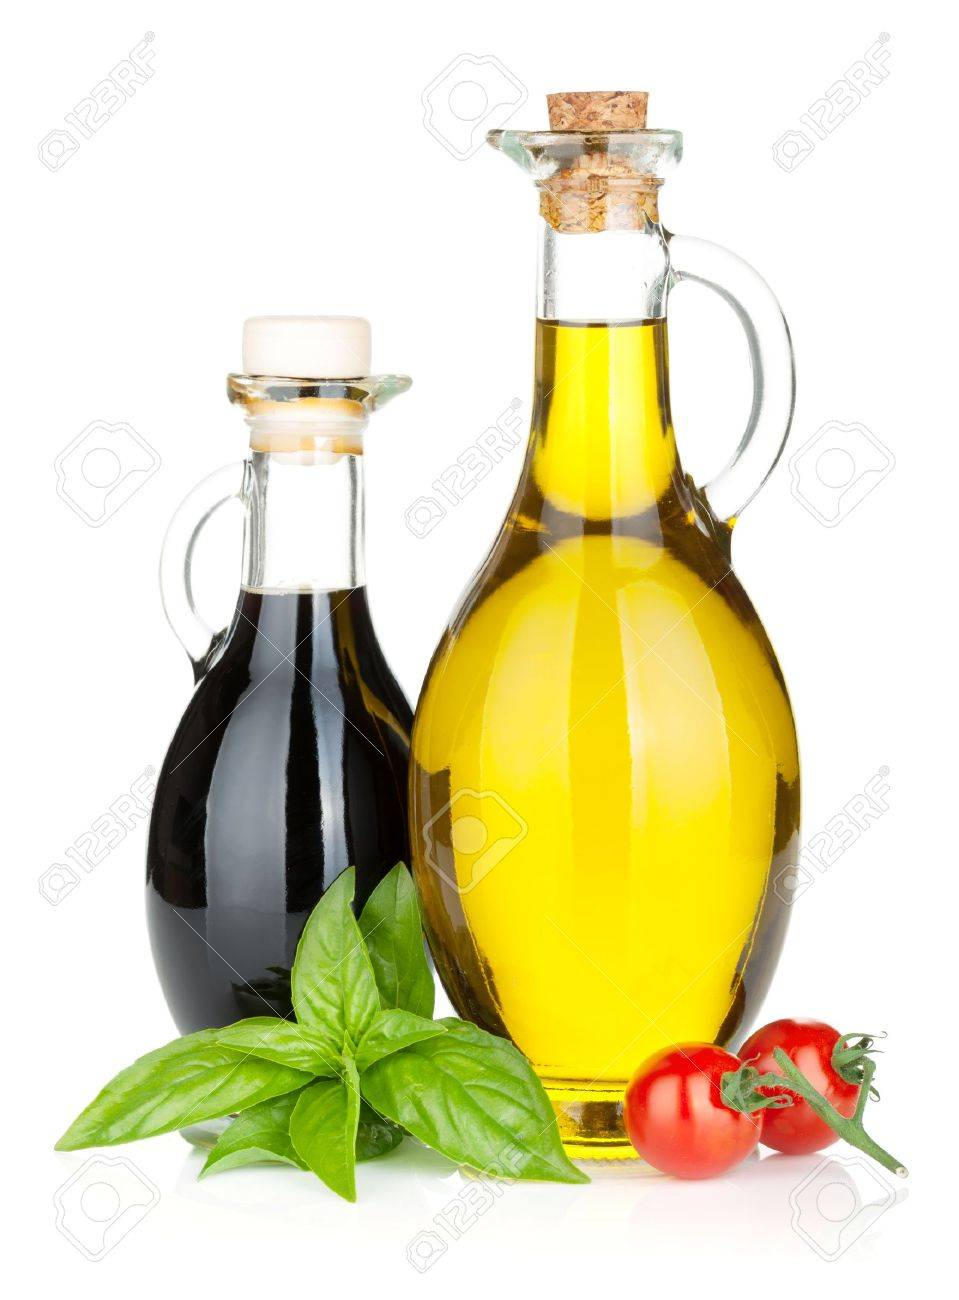 l huile d olive bouteilles de vinaigre au basilic et tomates isole sur fond blanc